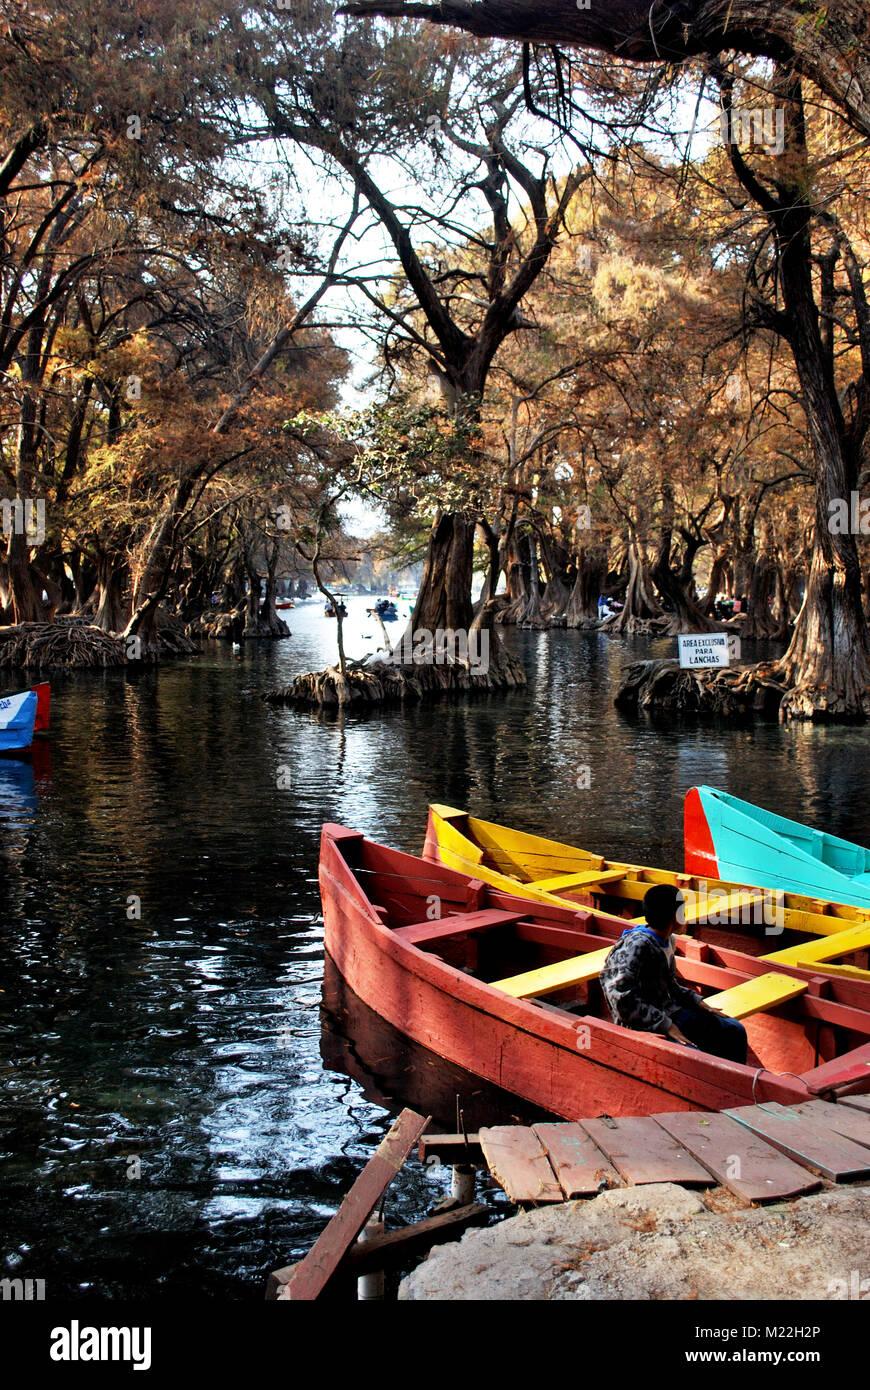 A boy sits in a boat in Lake Camecuaro (Lago de Camecuaro), Michoacan, Mexico. - Stock Image